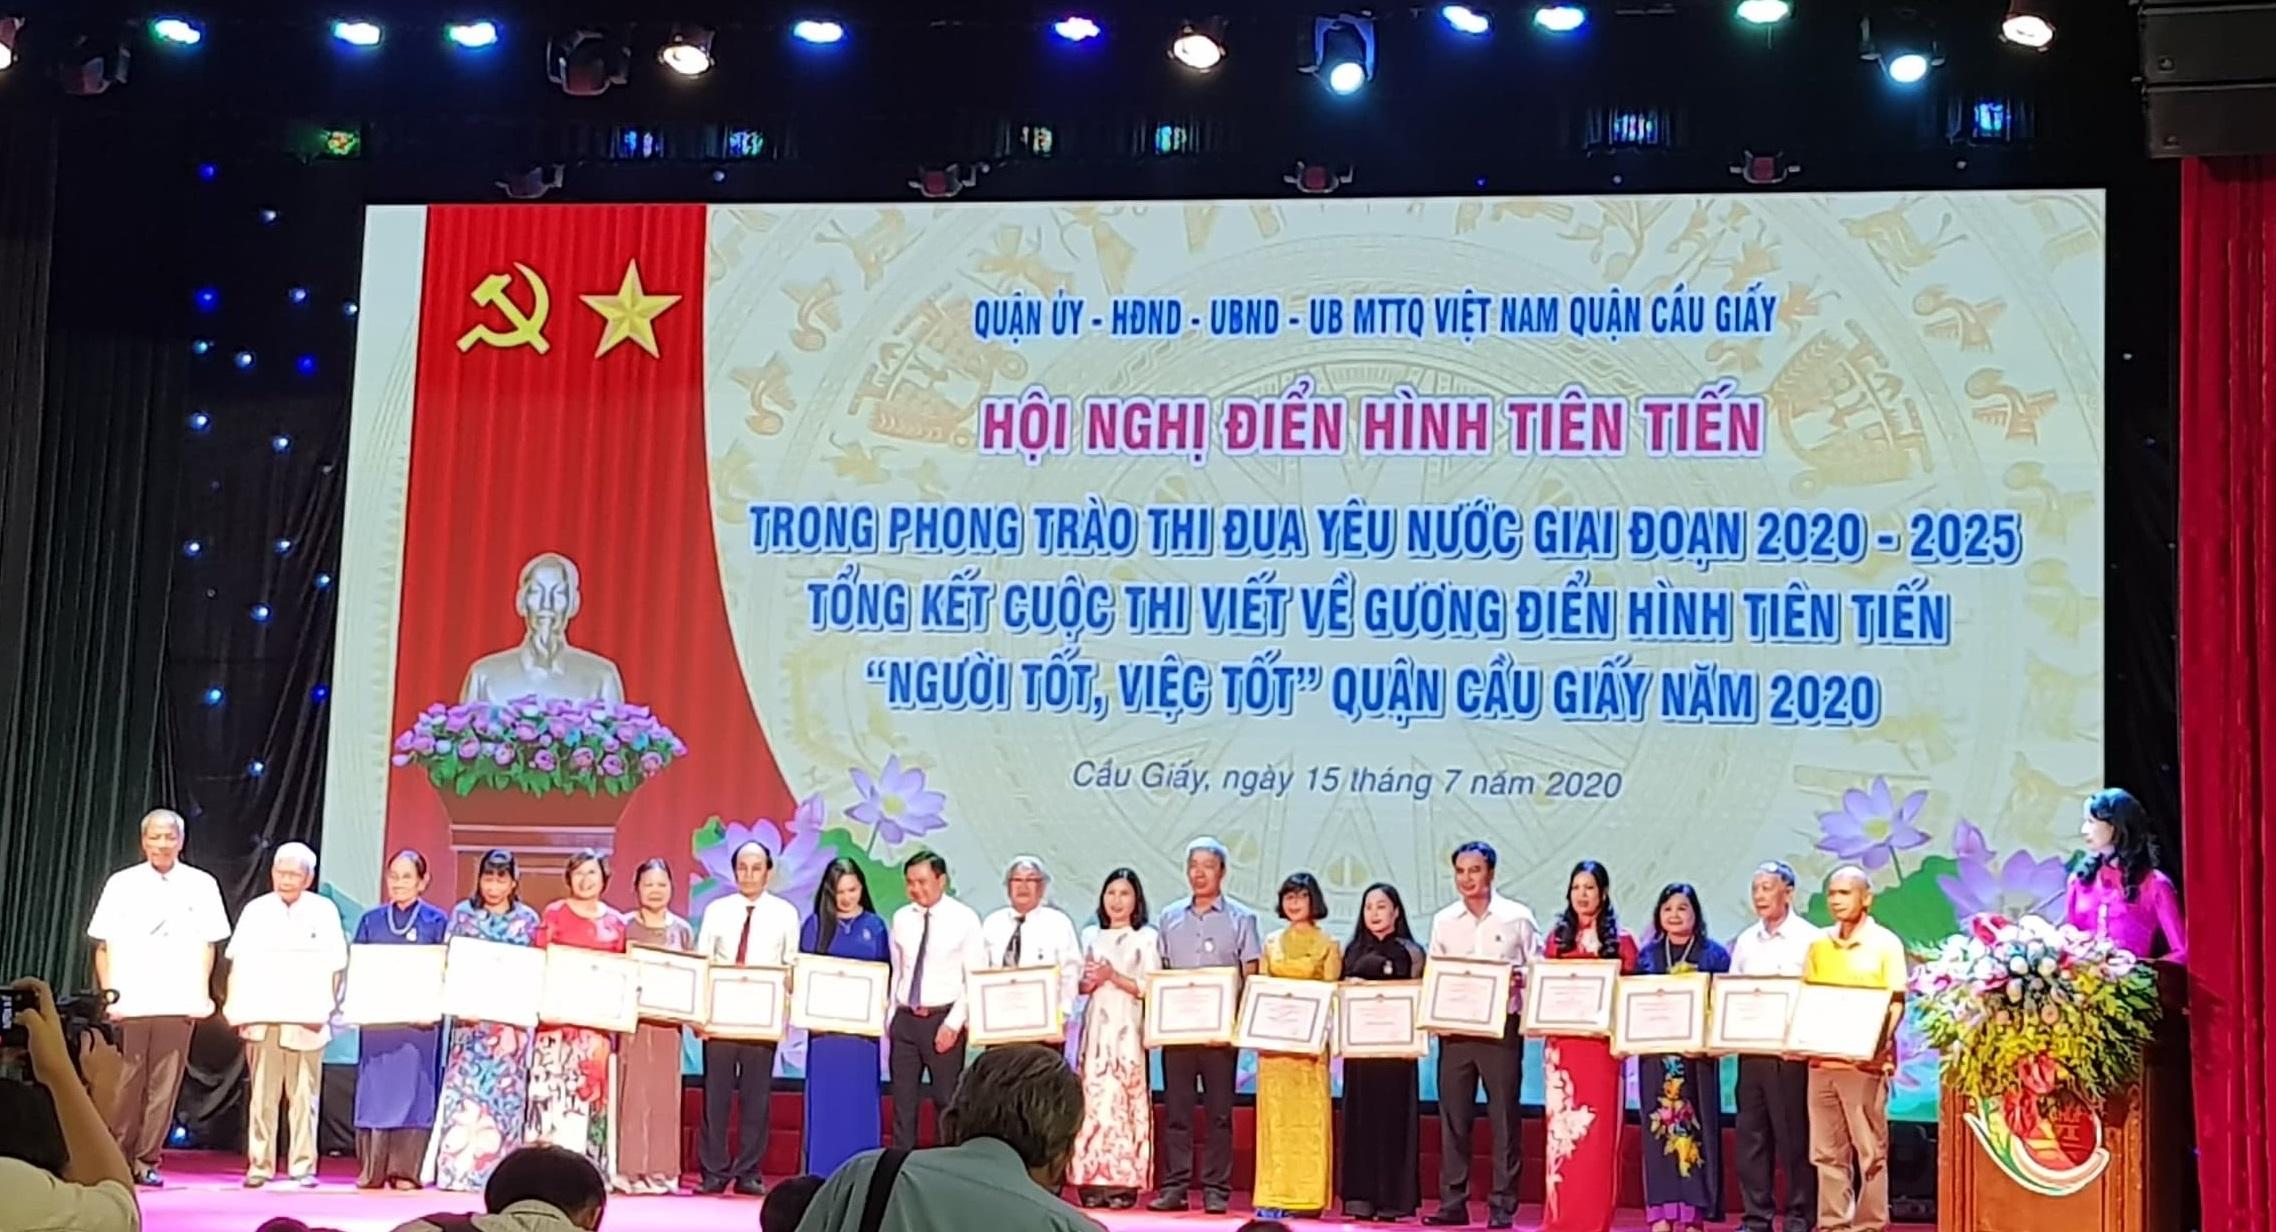 Thái Hà Books vinh dự nhận Giấy Khen vì những đóng góp tích cực trong công tác phòng, chống dịch COVID-19